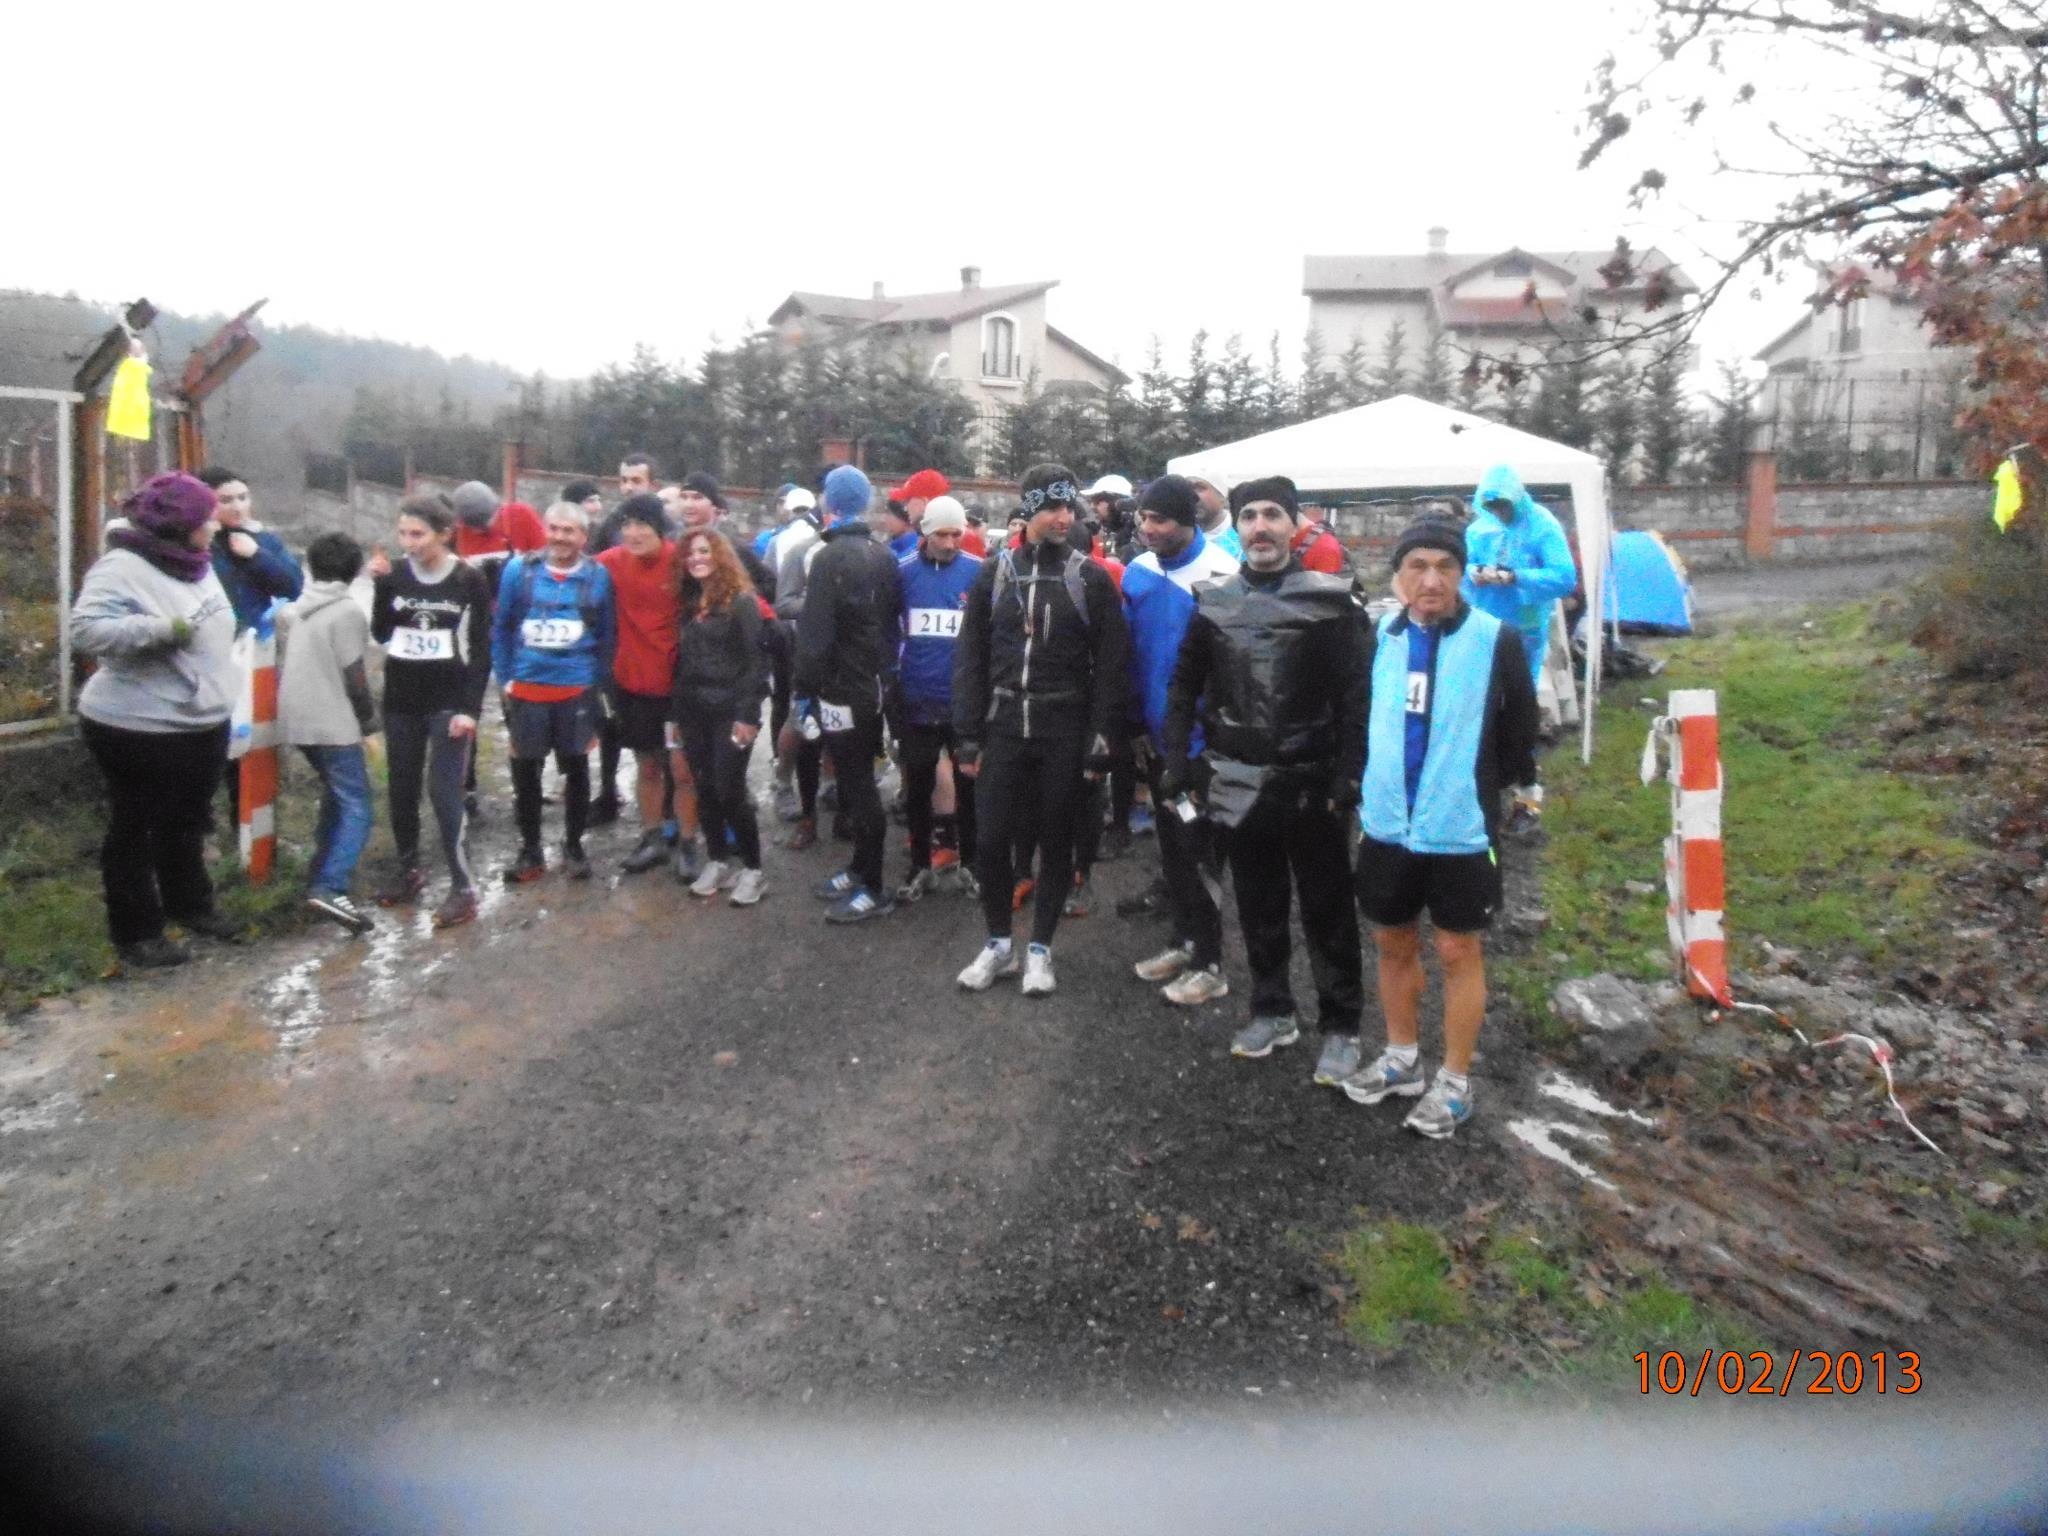 Start öncesi. Bu grup 30-40-50km koşmak için hazırlanan koşuculardan oluşuyor. F: .Team Ultra Trail Runner.